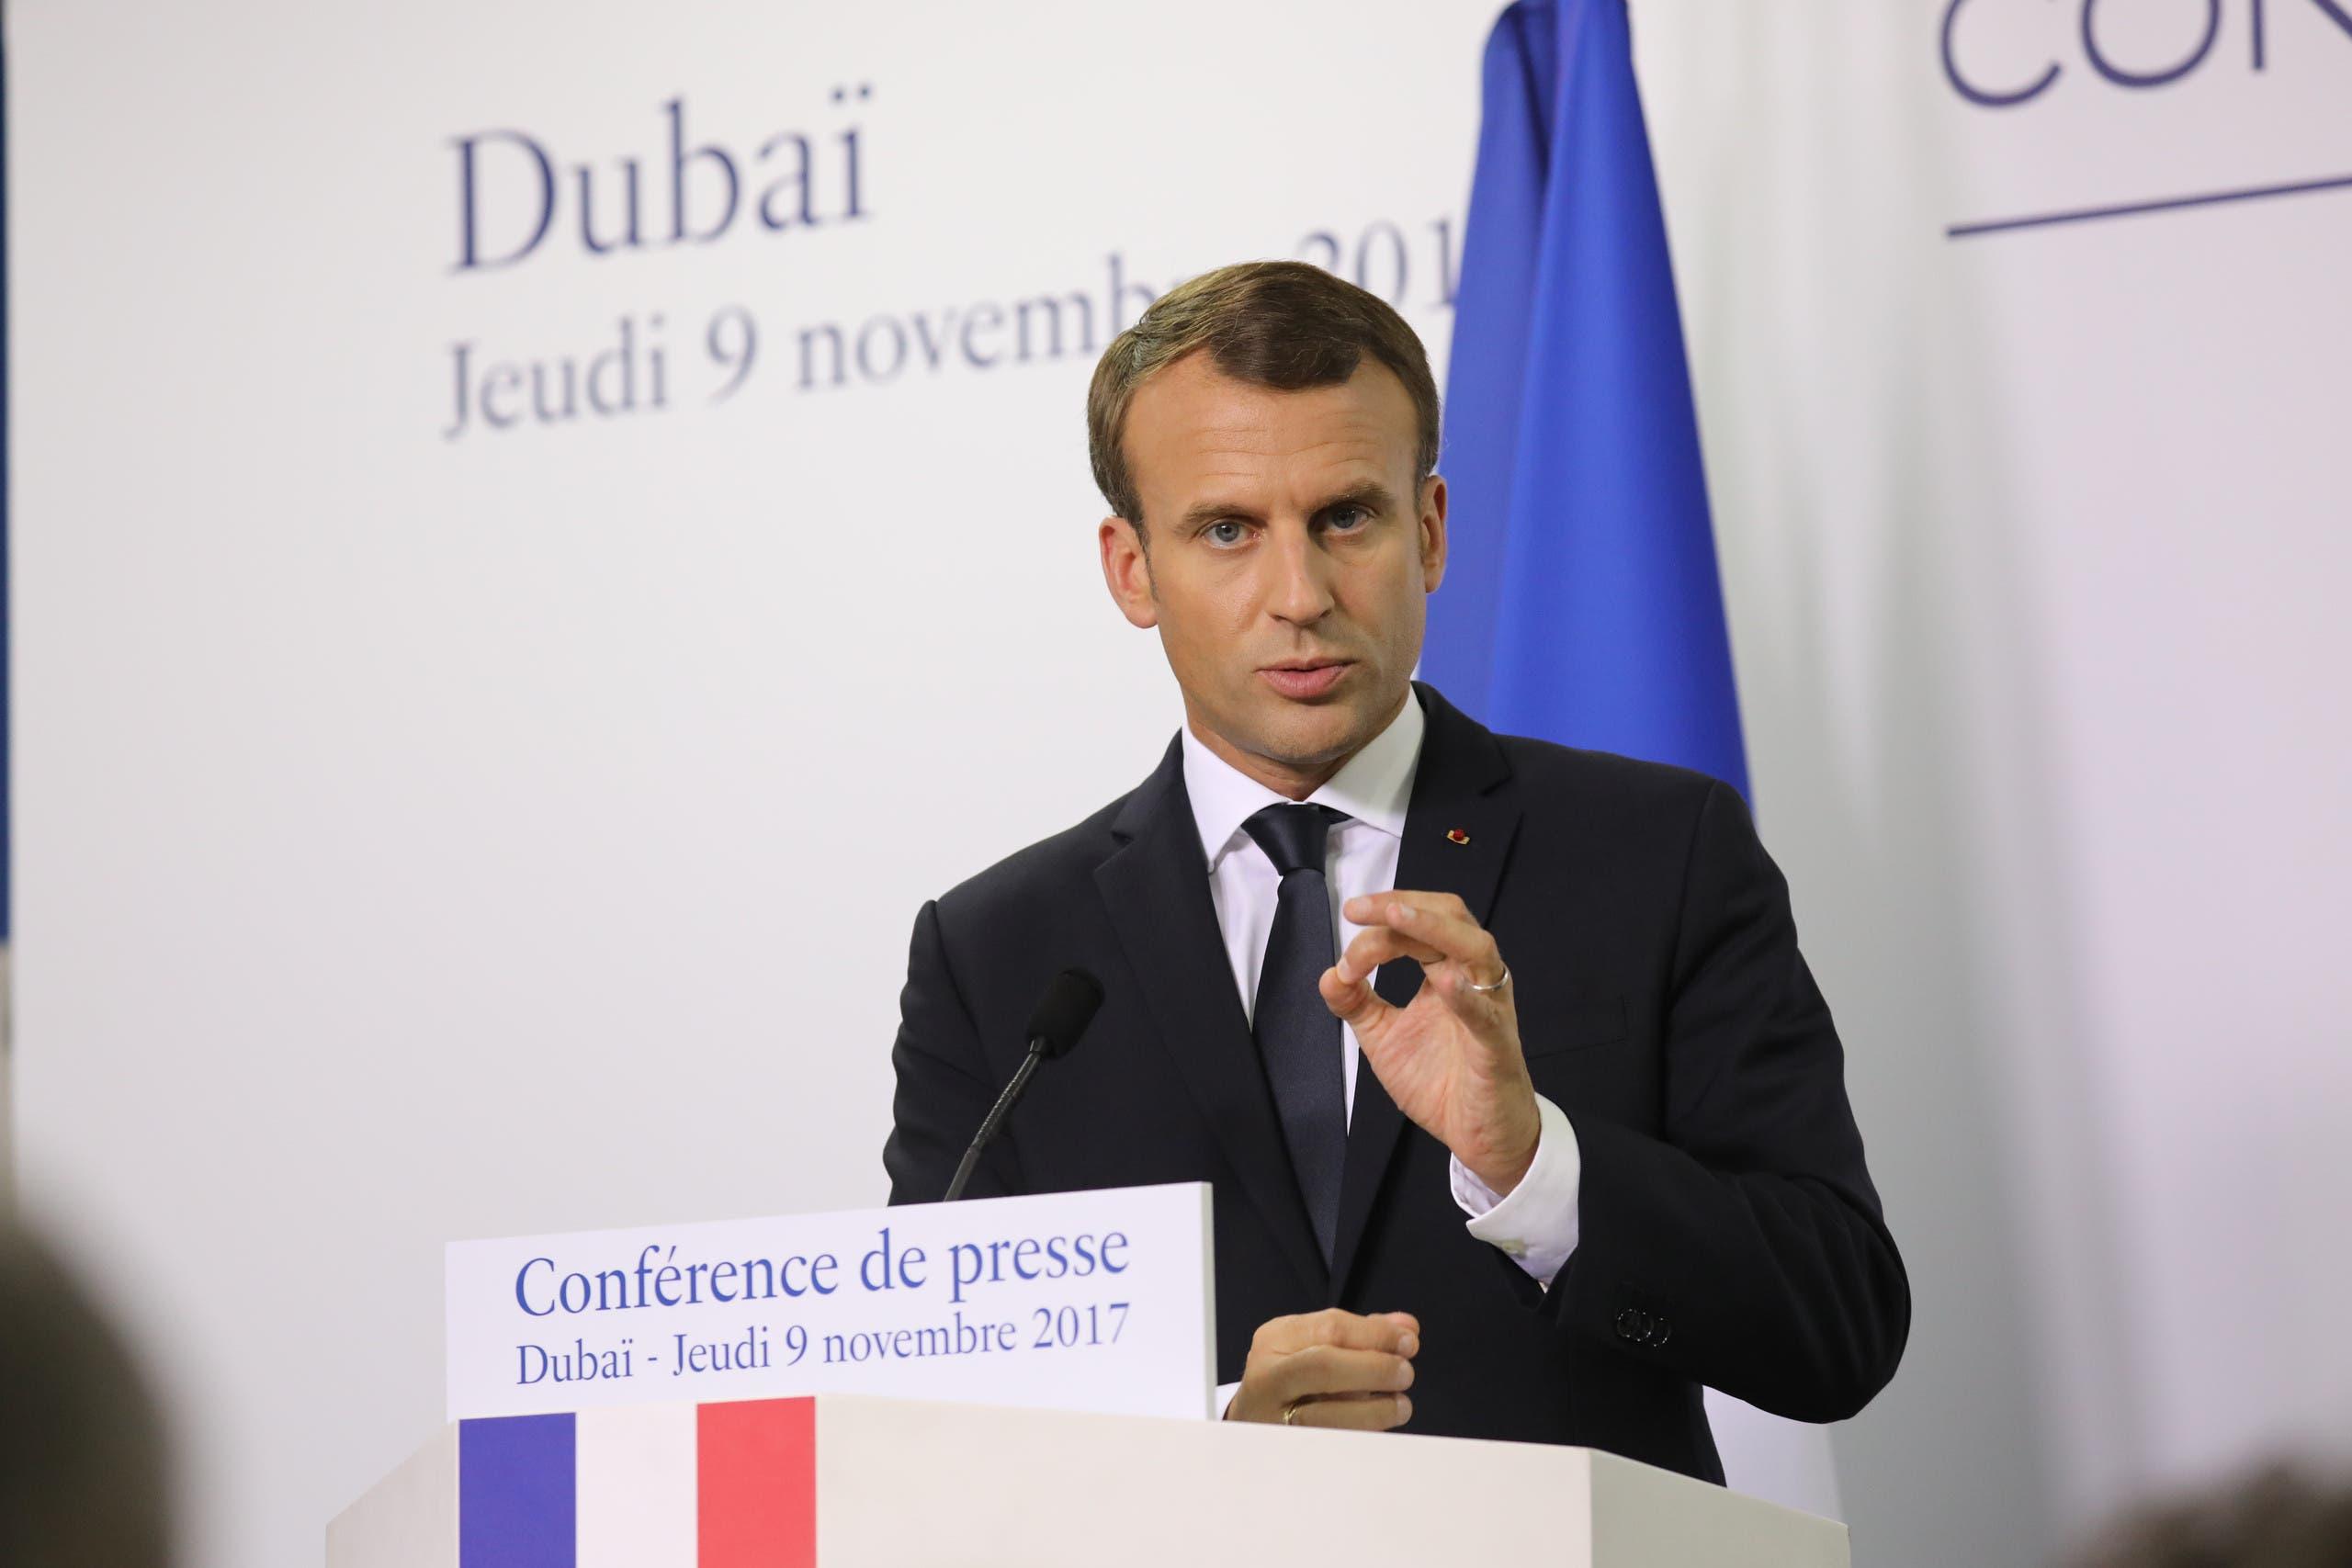 ماكرون خلال مؤتمر صحافي في دبي 9-11-2017